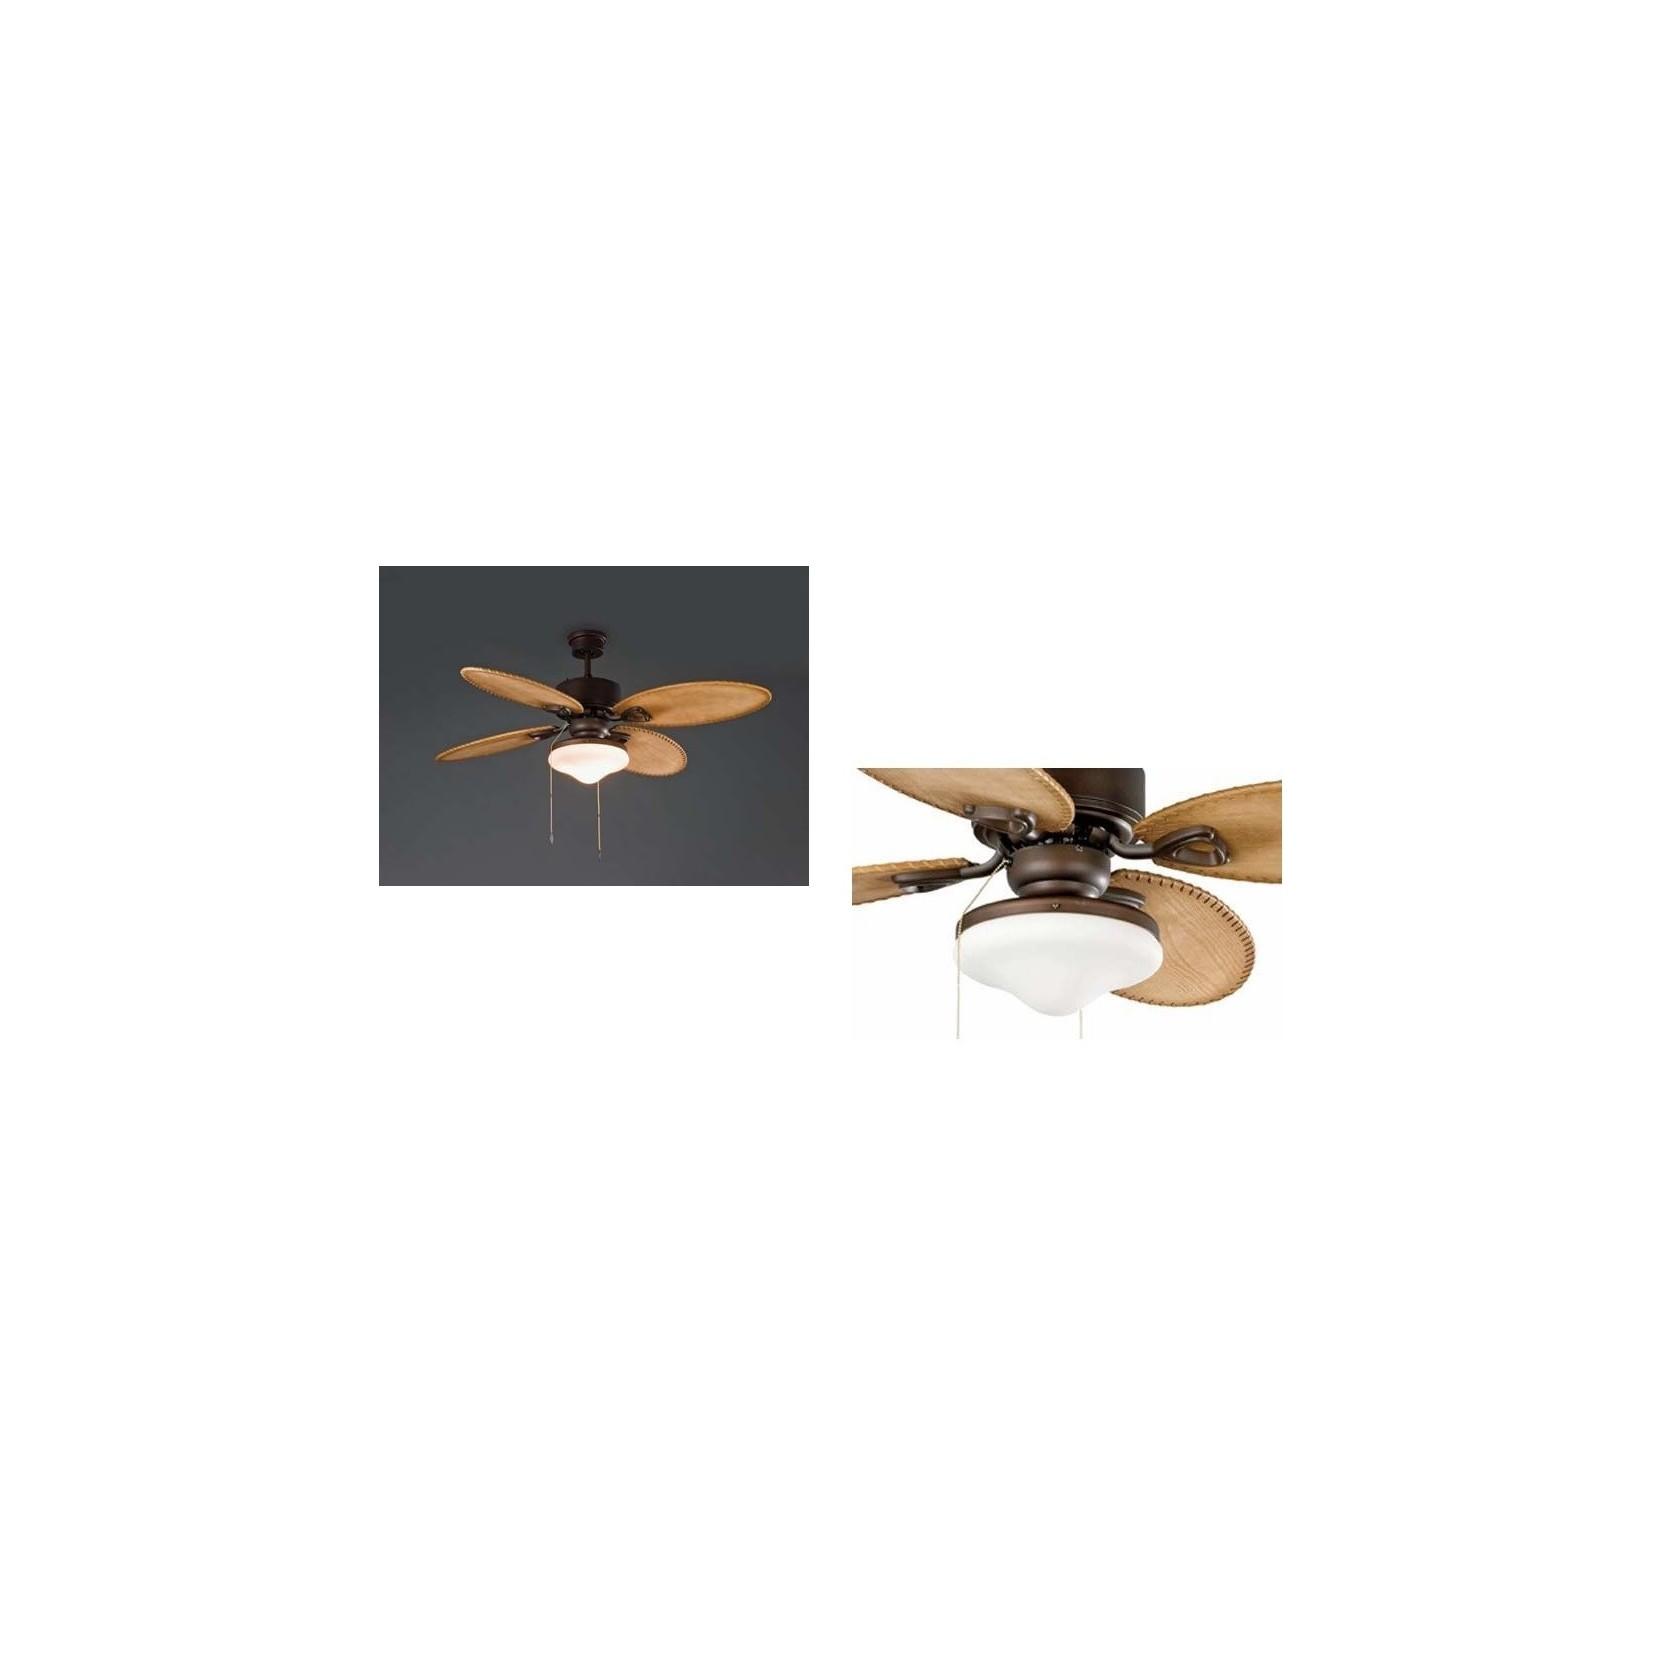 Ventilatore soffitto faro lombok 33019 for Ventilatore a pale